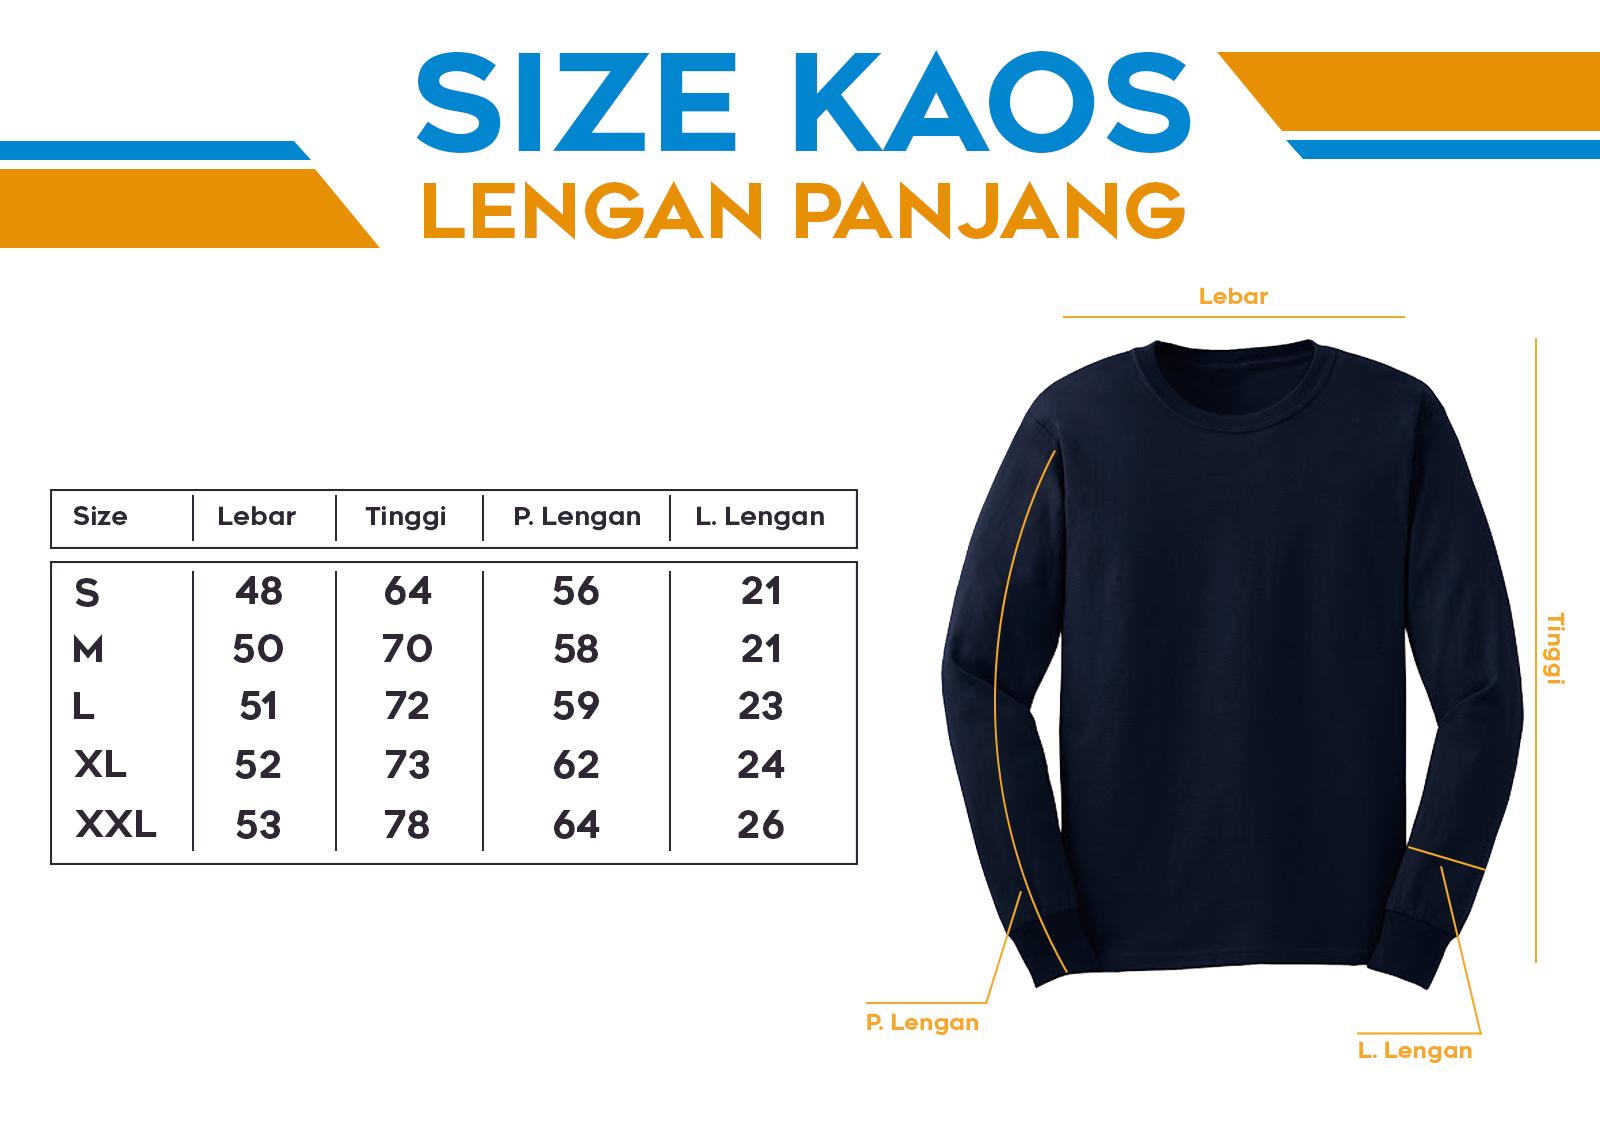 Size Kaos Lengan Panjang